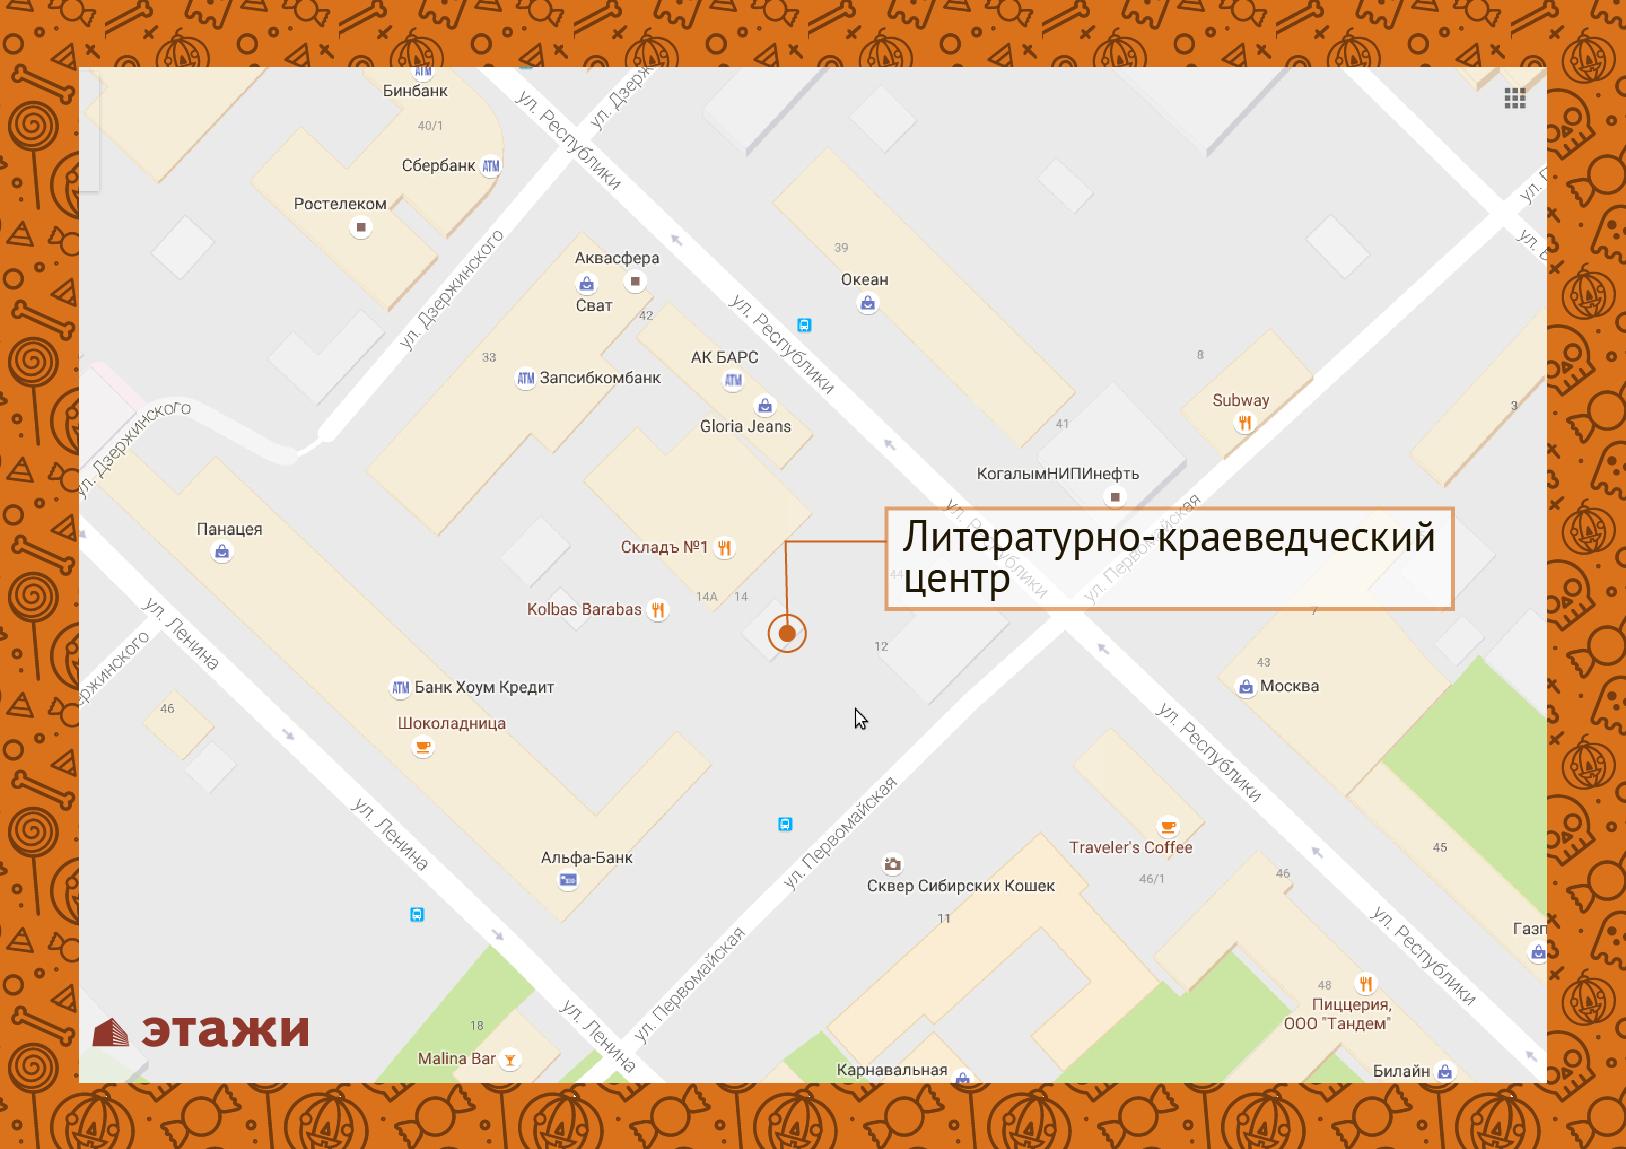 карта_HALLOWEENМонтажная область 8.png